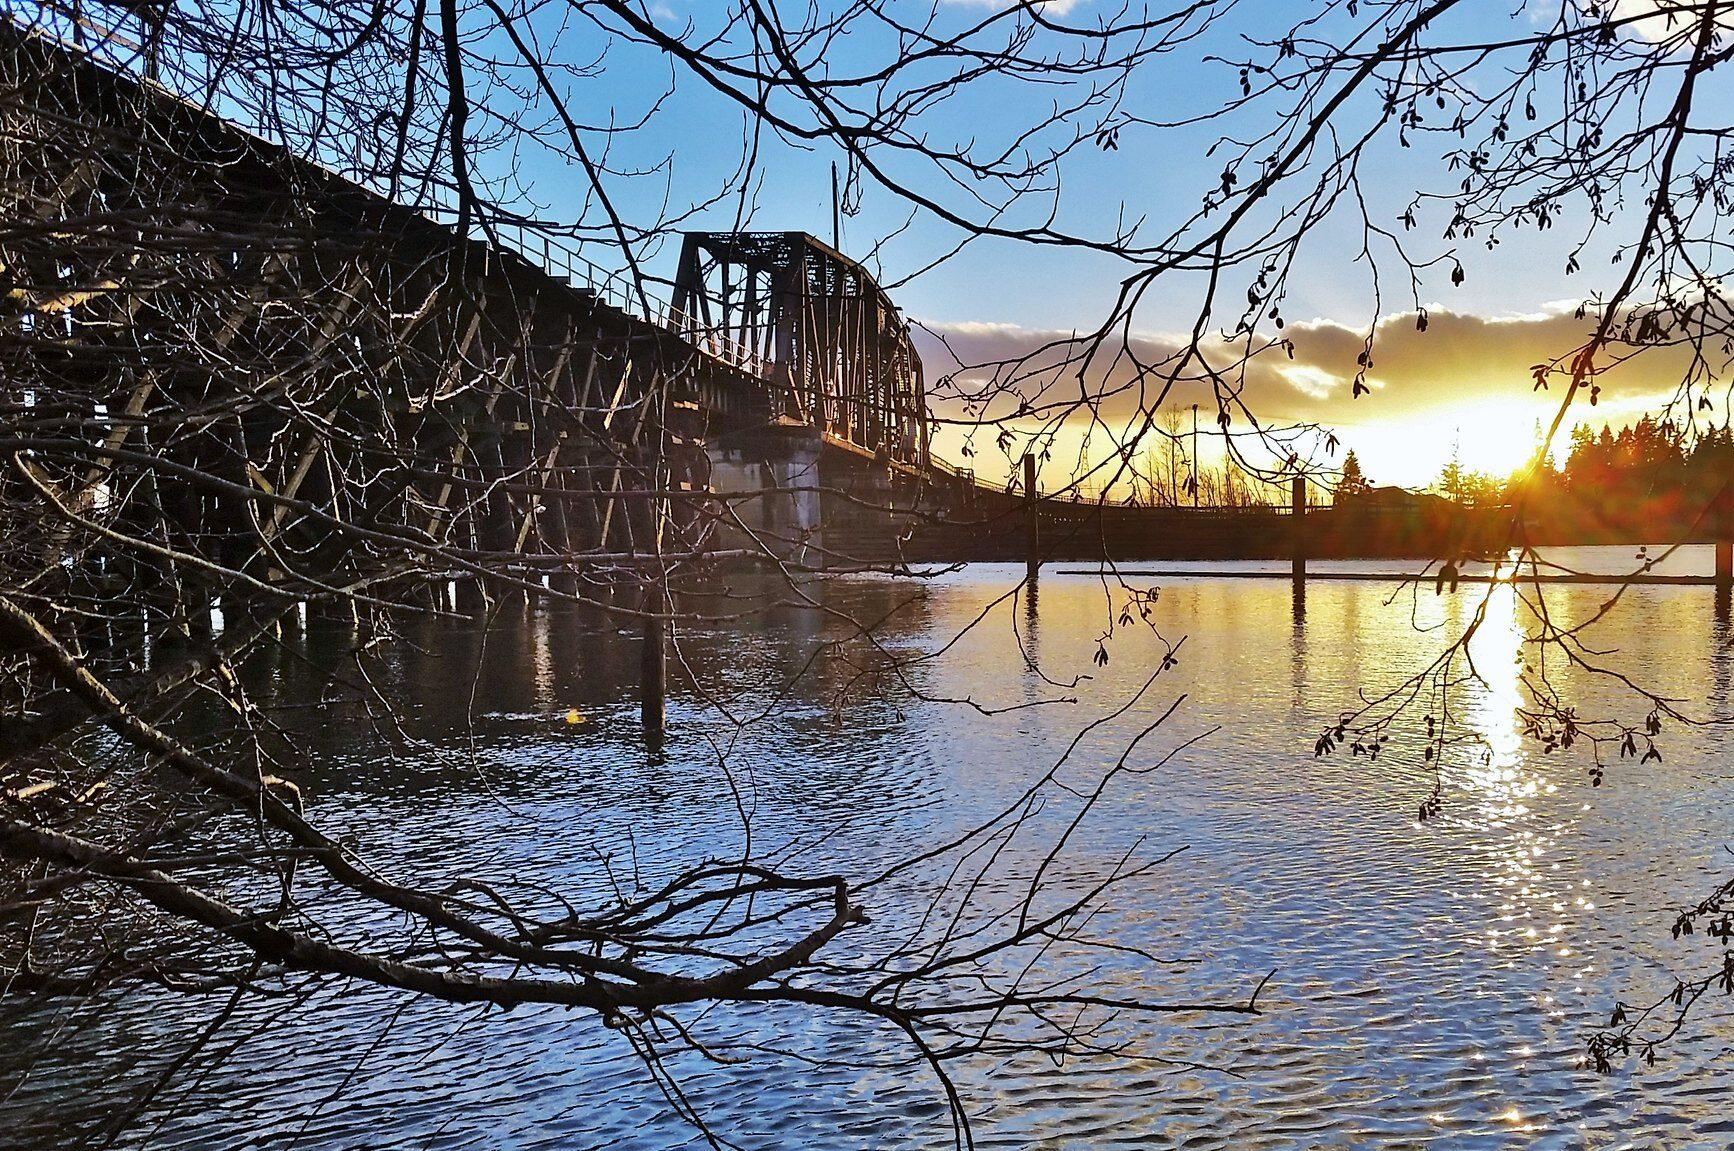 vancouver british columbia canada cnr bridge